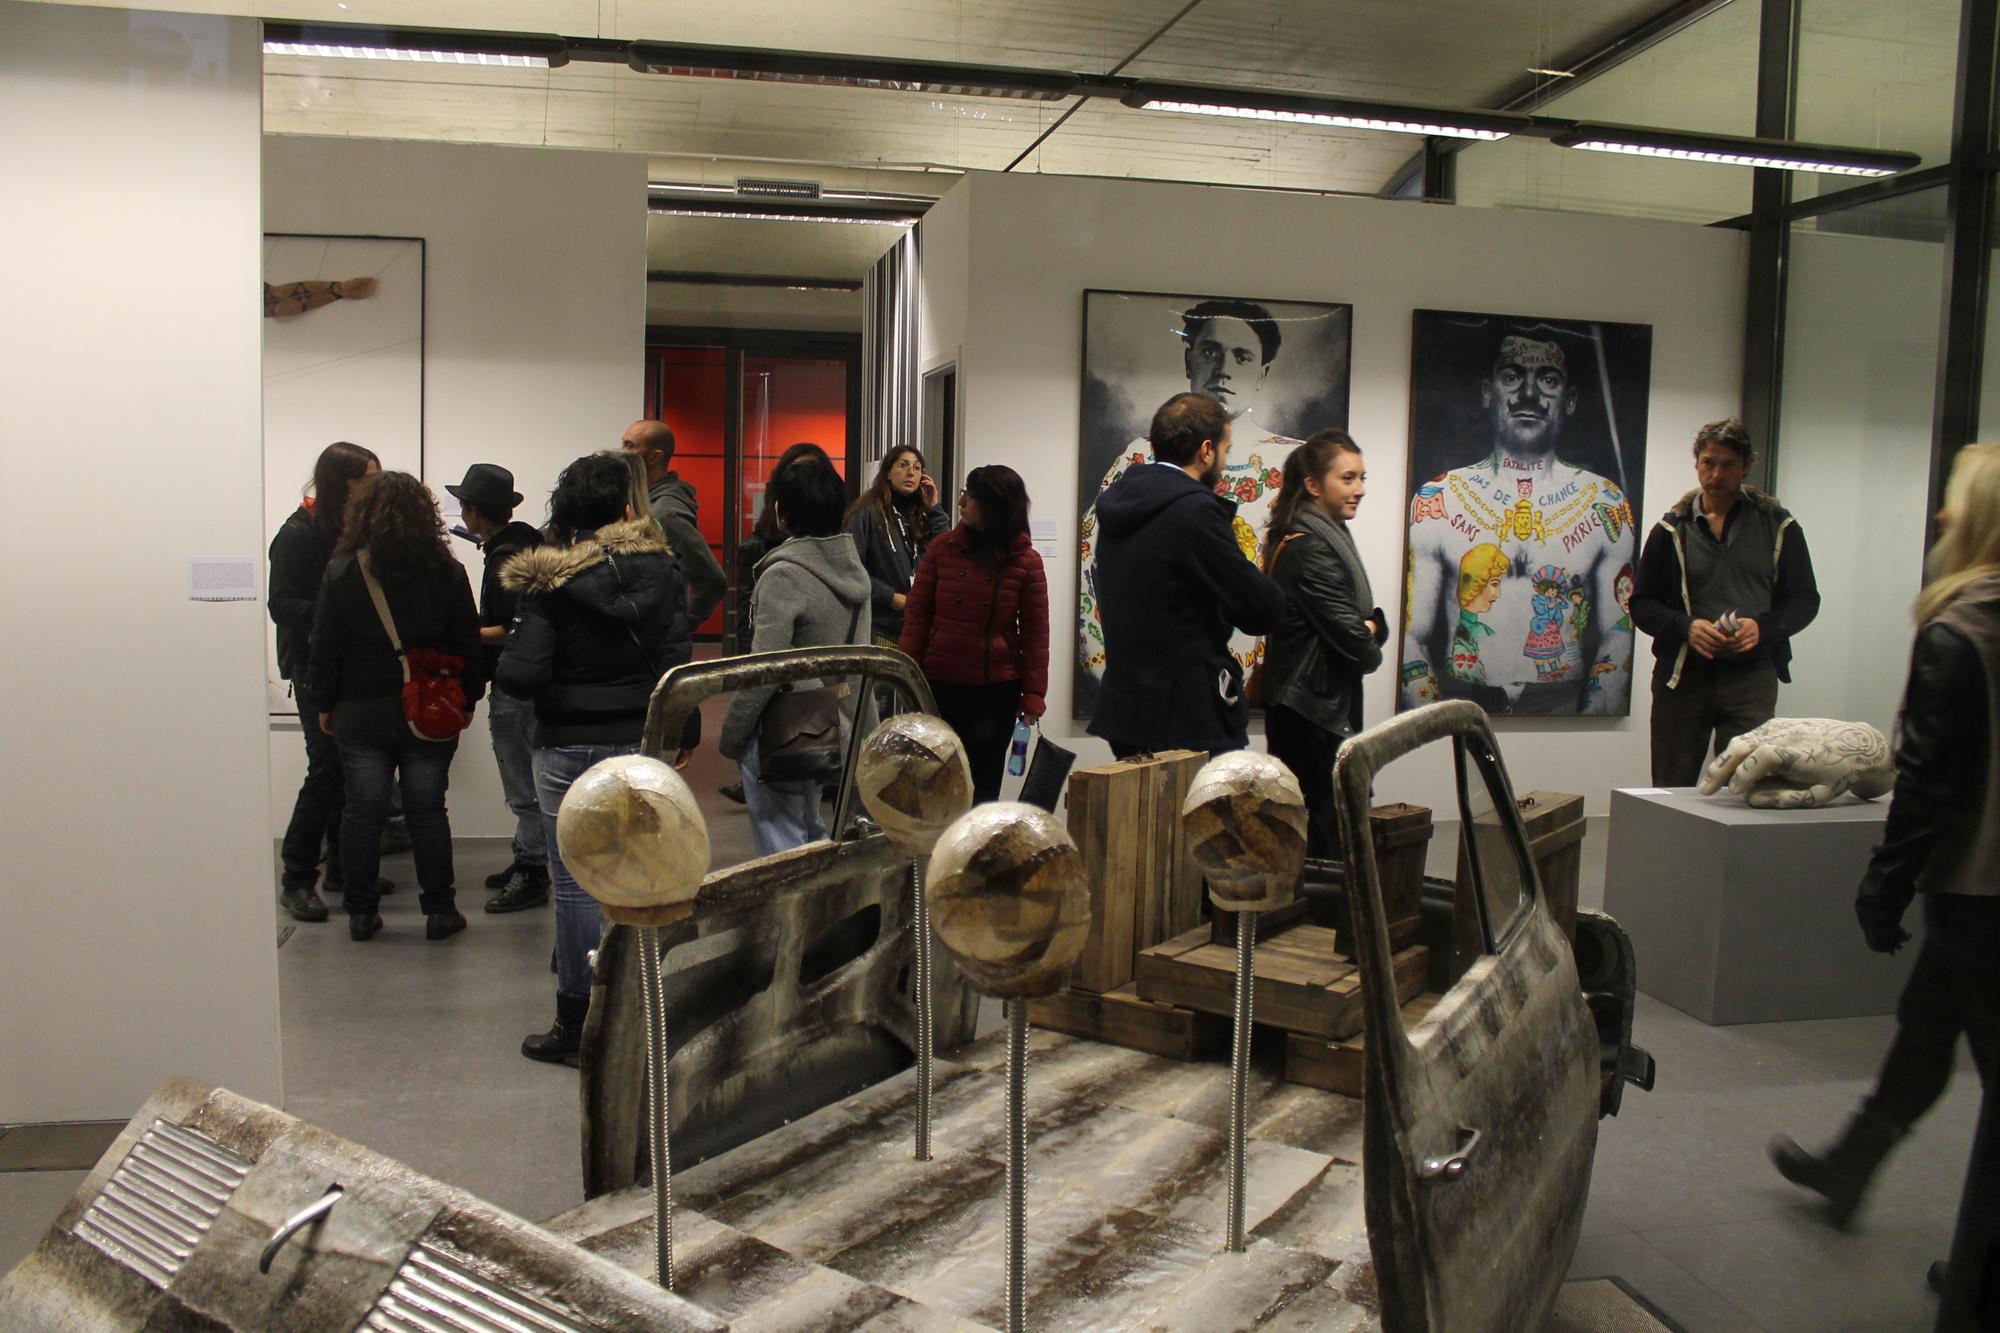 Una settimana dedicata all arte contemporanea torino 2013 for Torino contemporanea